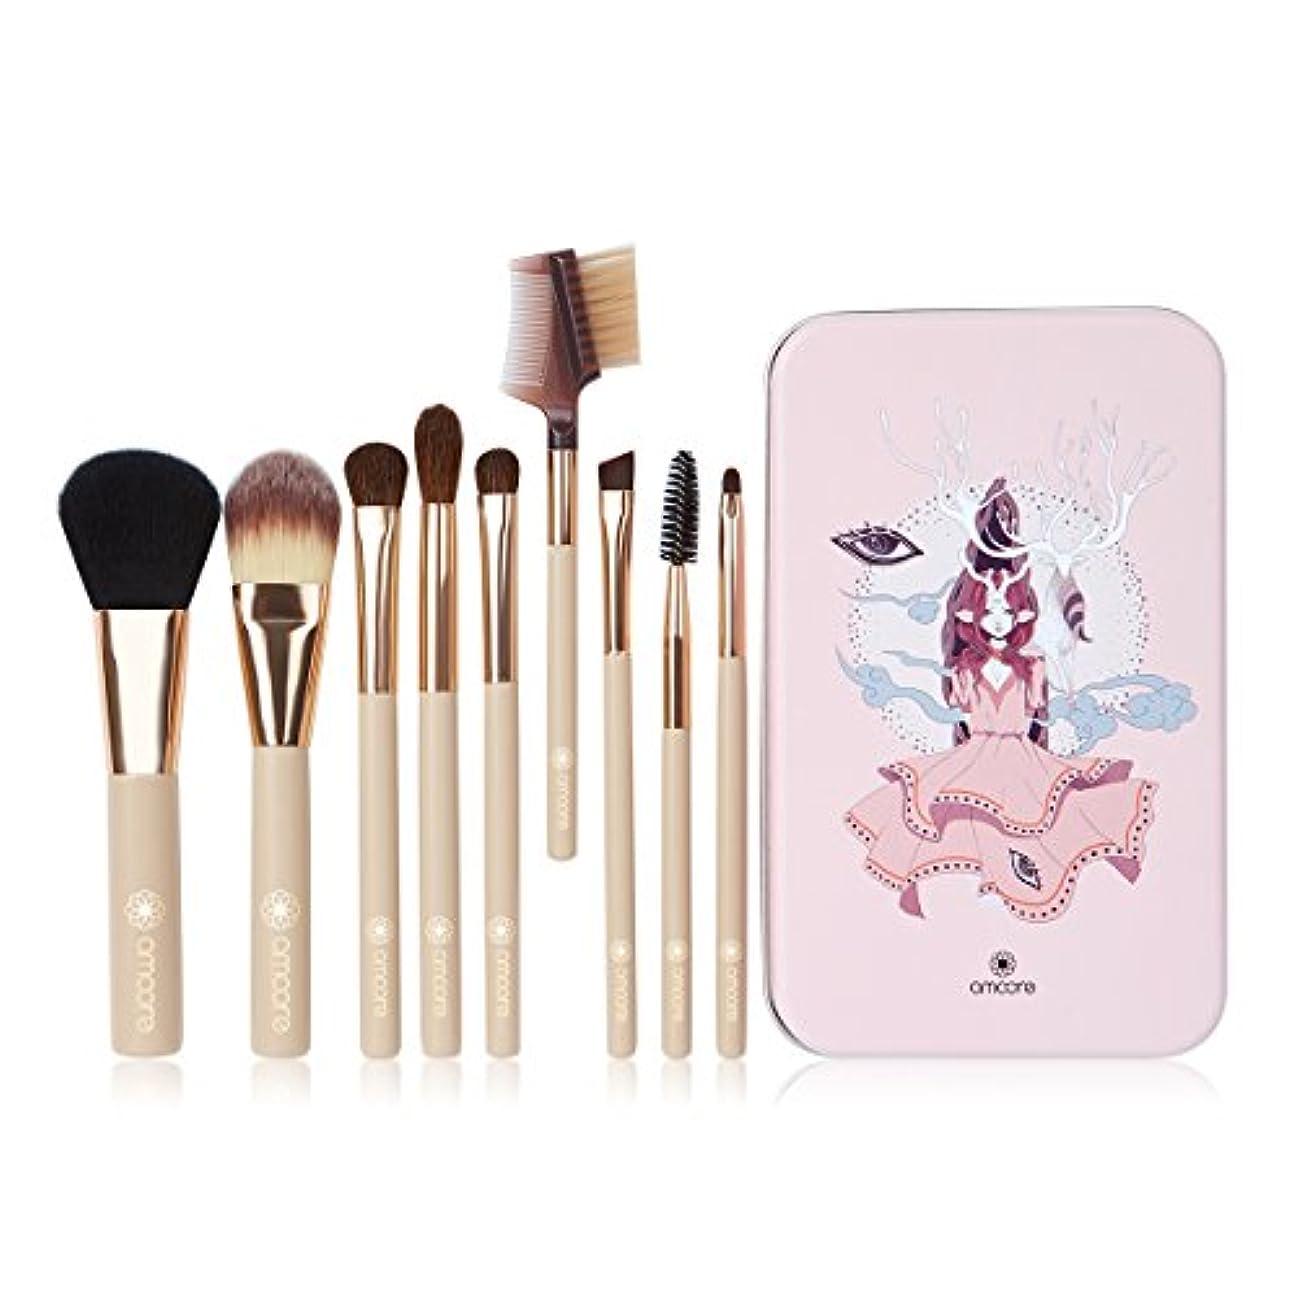 シャベル勧告ハブブamoore メイクブラシ 9本(+3本)セット 化粧筆 フェイスブラシ 専用ボックス付き(共に12本セット)